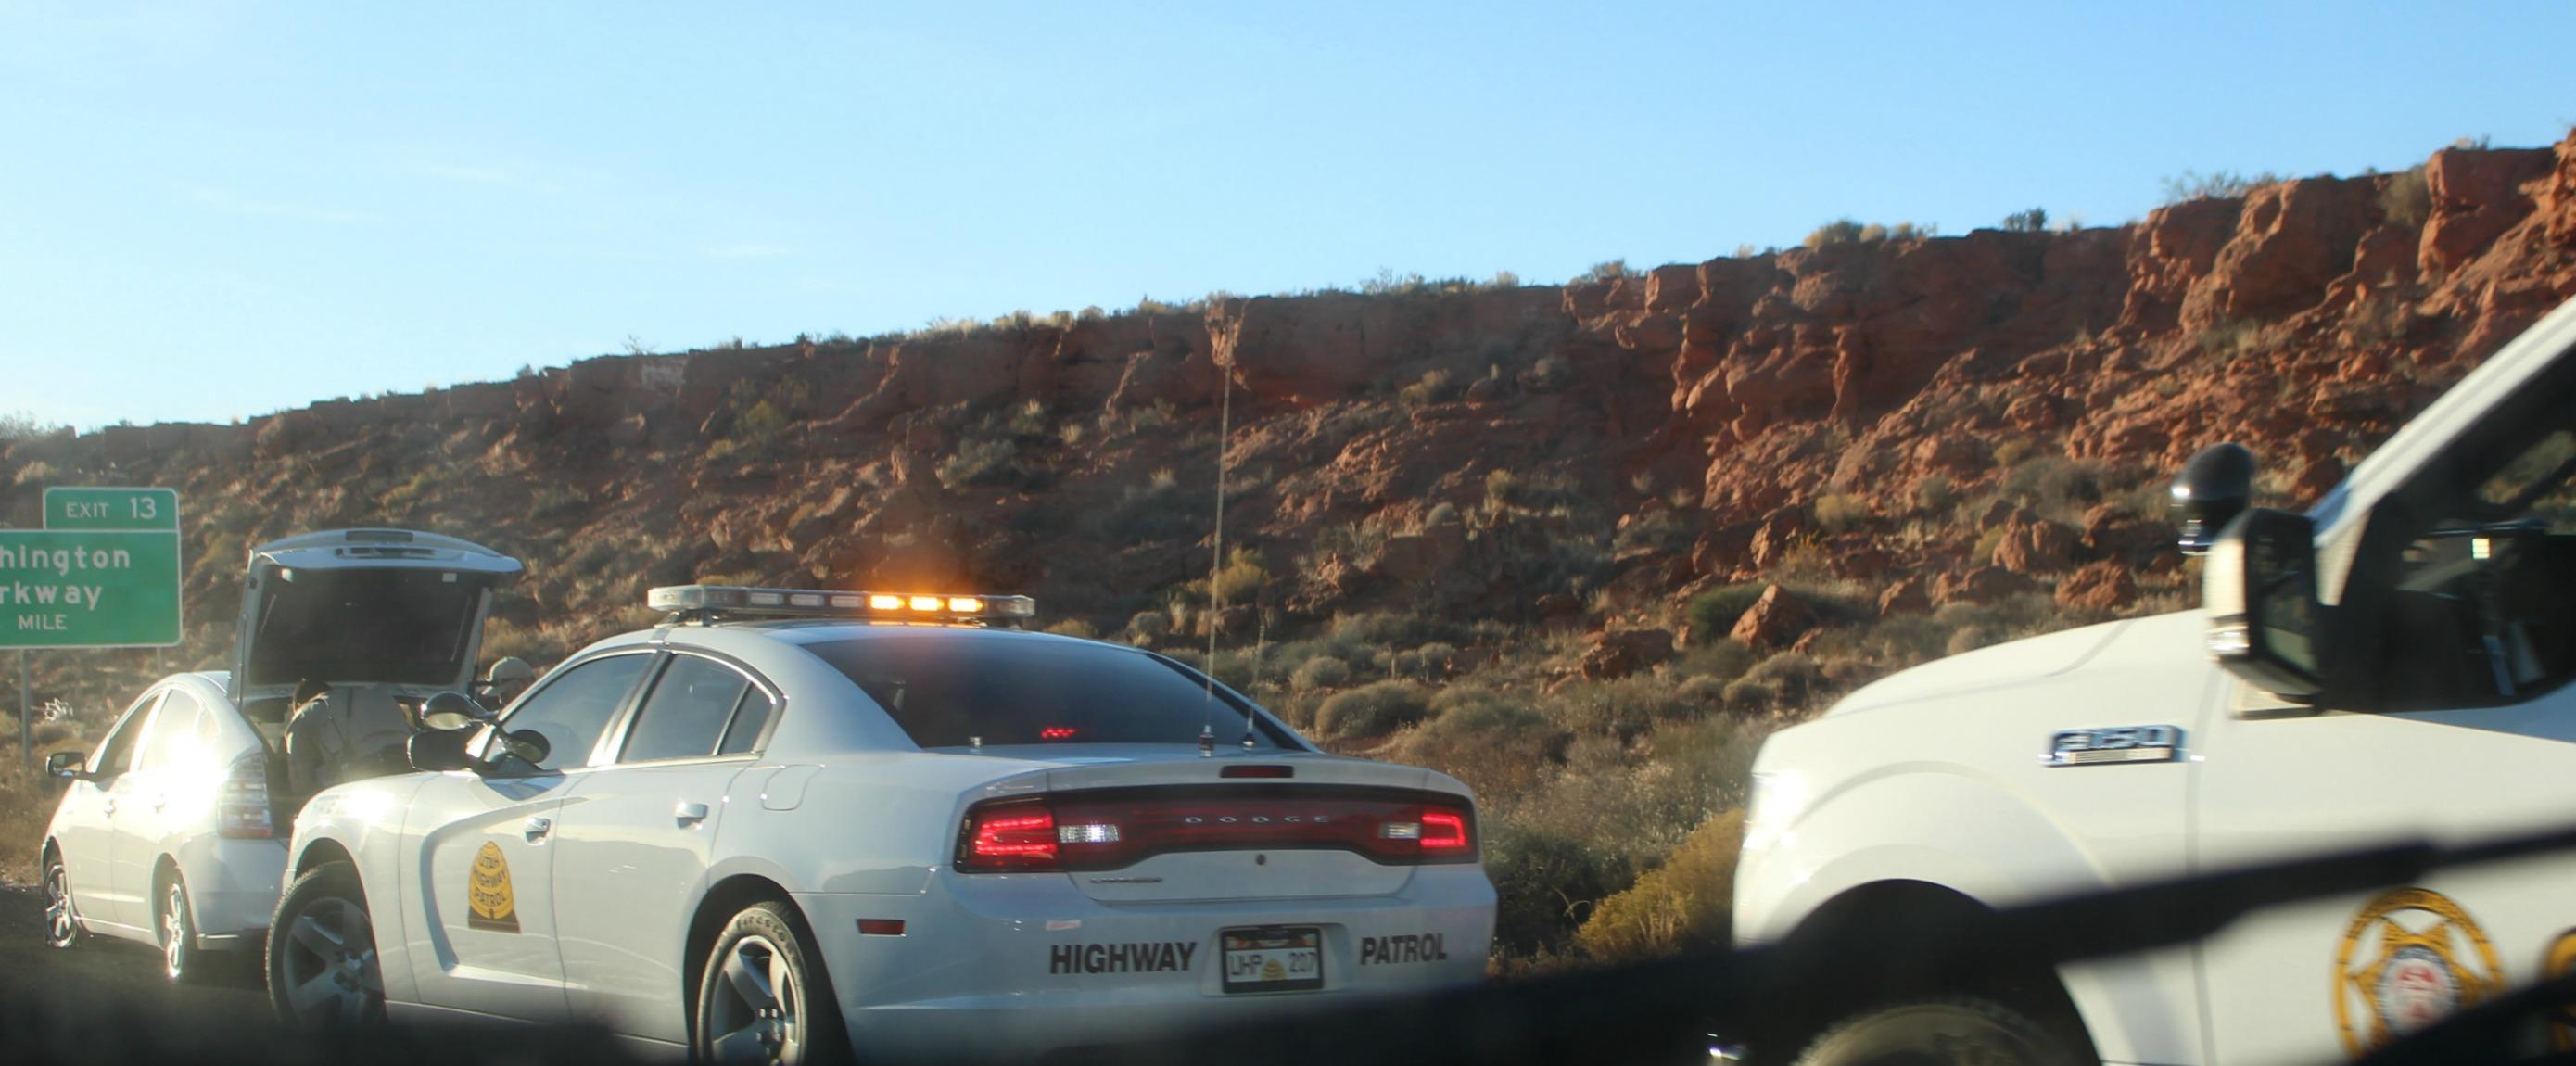 California Man Leads Deputies On High Speed Pursuit On I